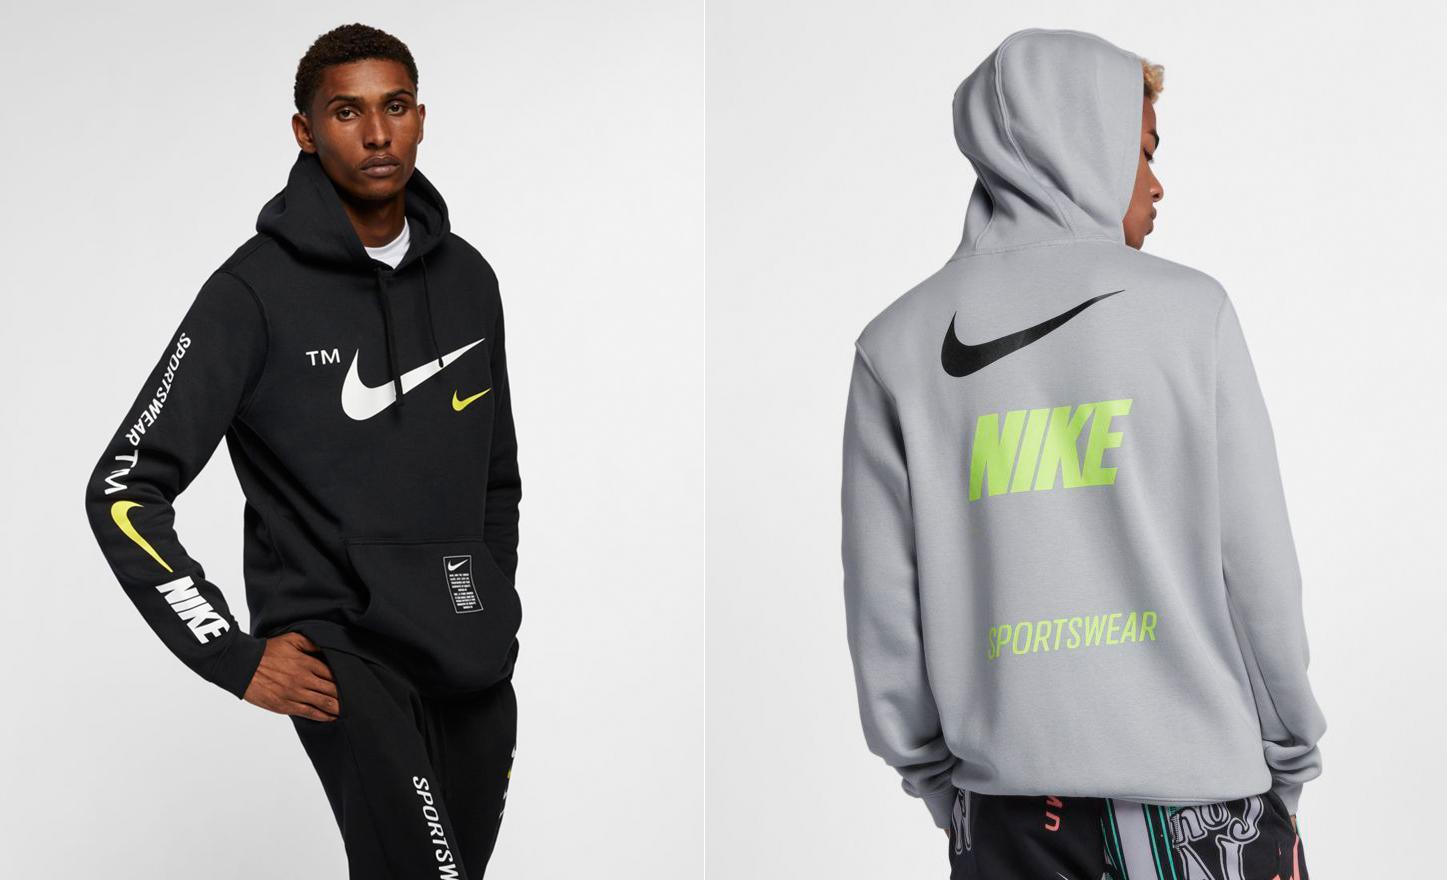 nike-sportswear-microbranding-hoodie